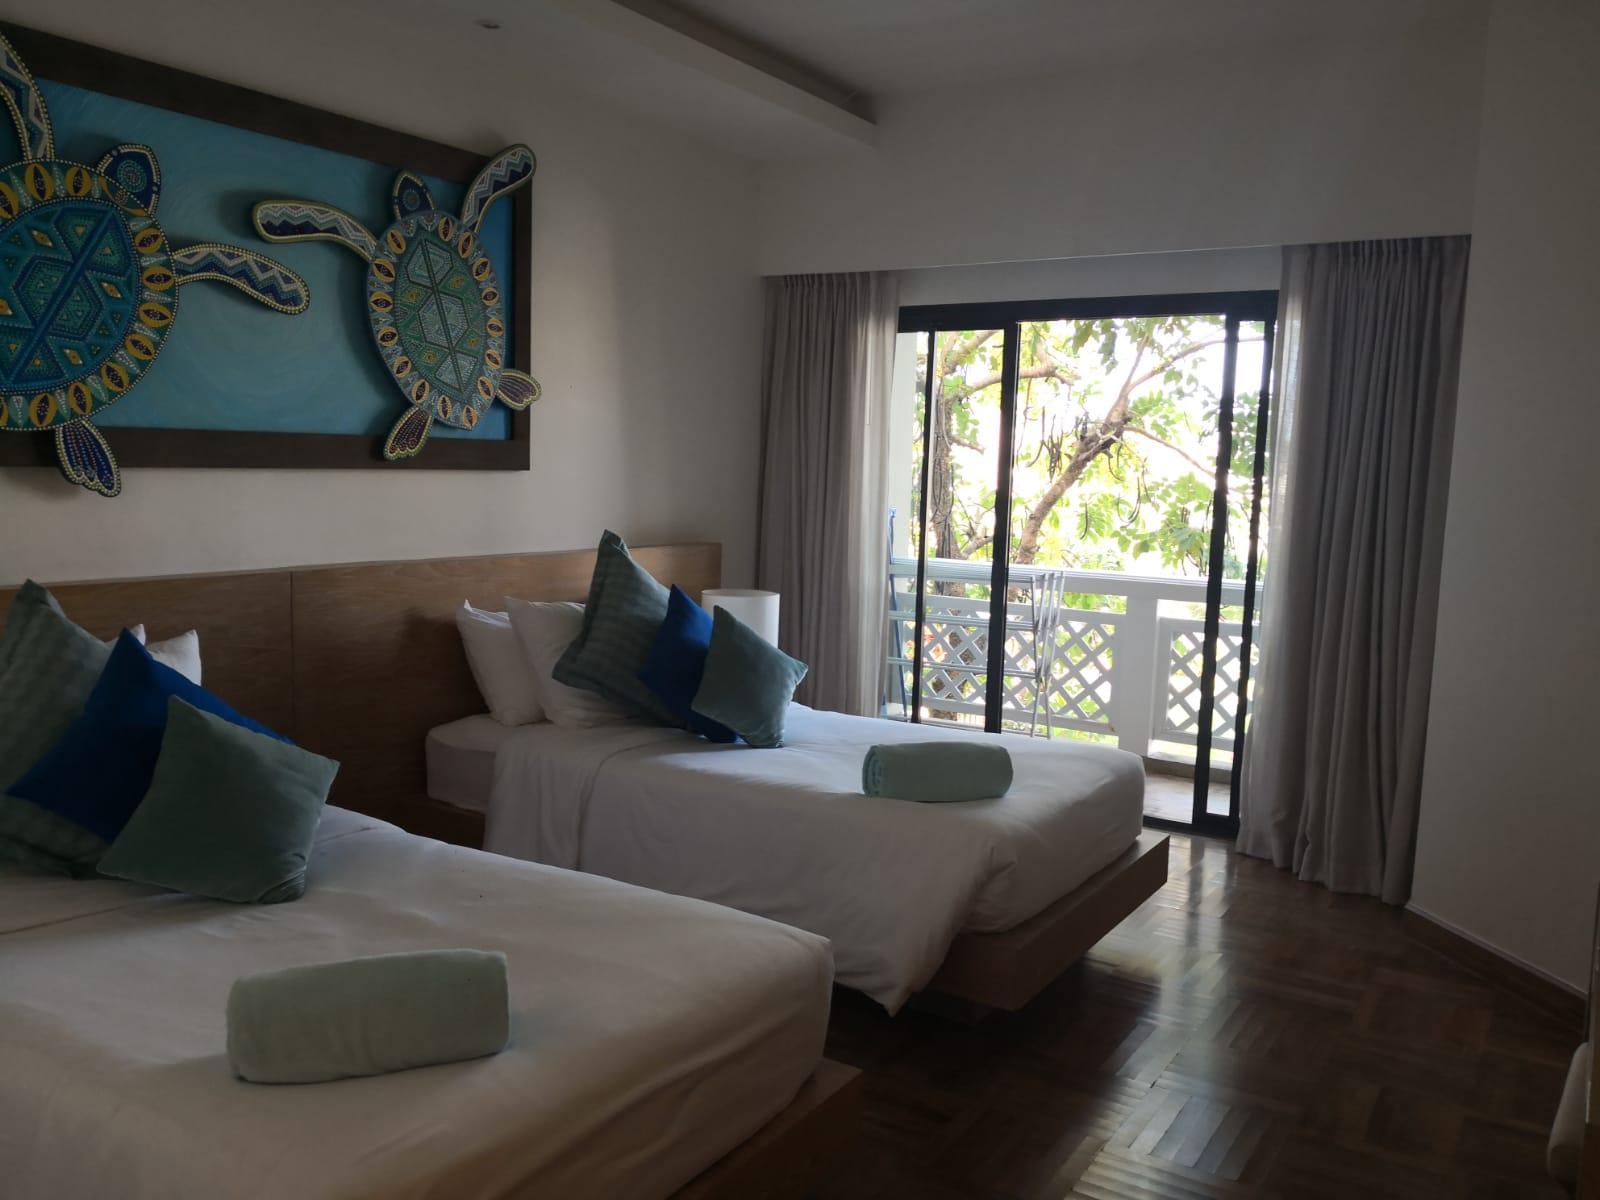 Allamanda 2 Bedroom-70e933f9-7f5d-4963-9c05-ae0c40b06ae0.jpg